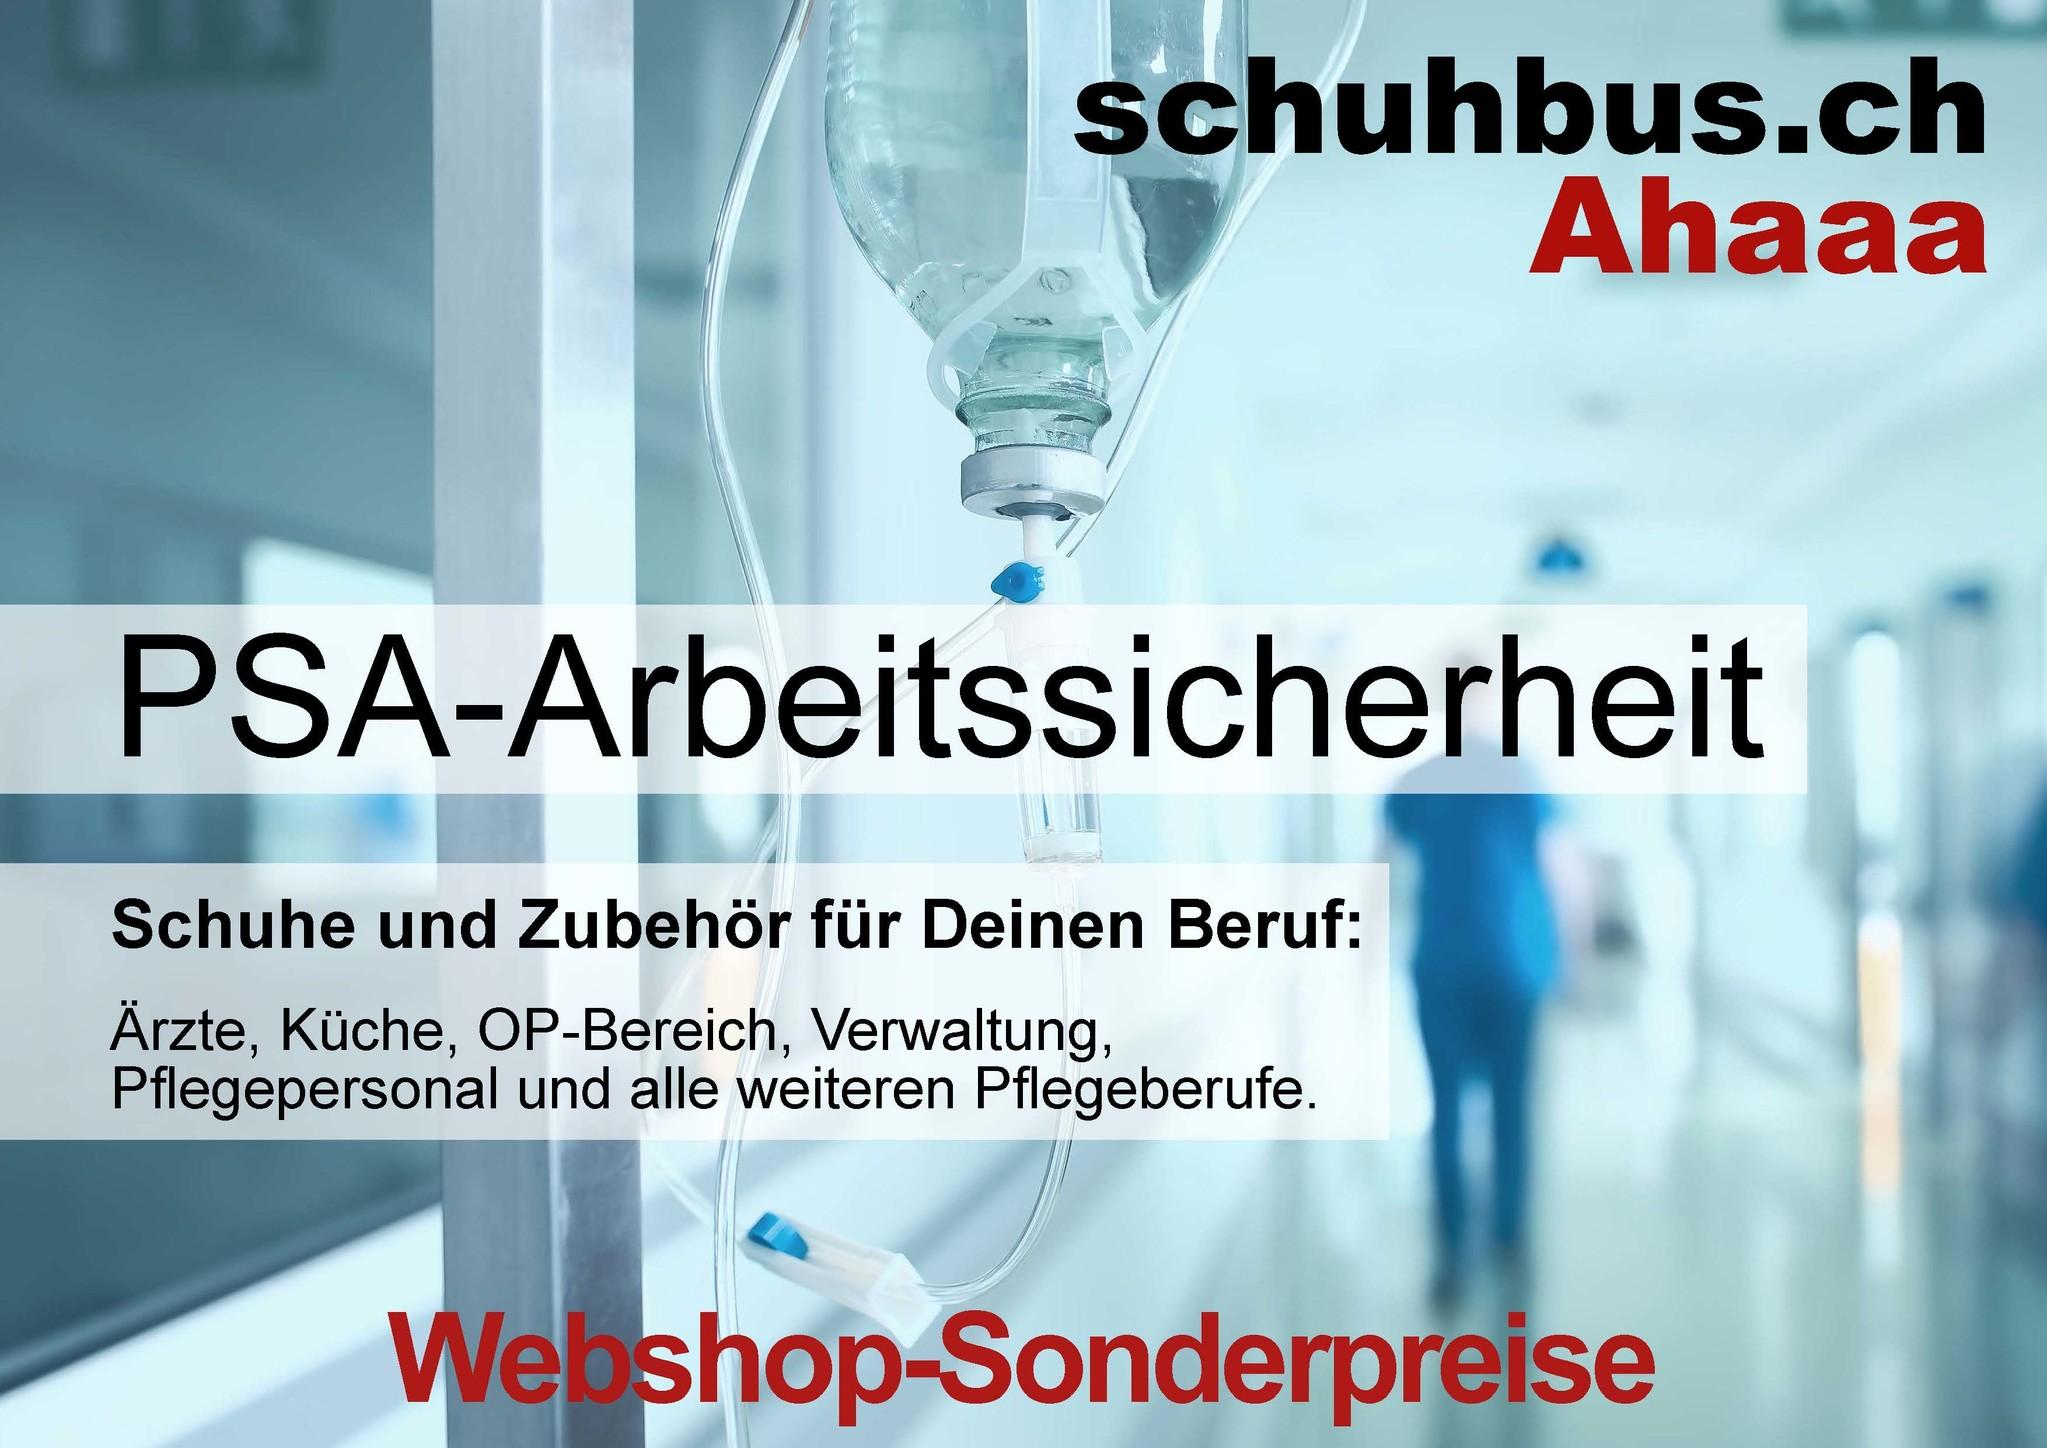 PSA Arbeitssicherheit - Spital und Pflege